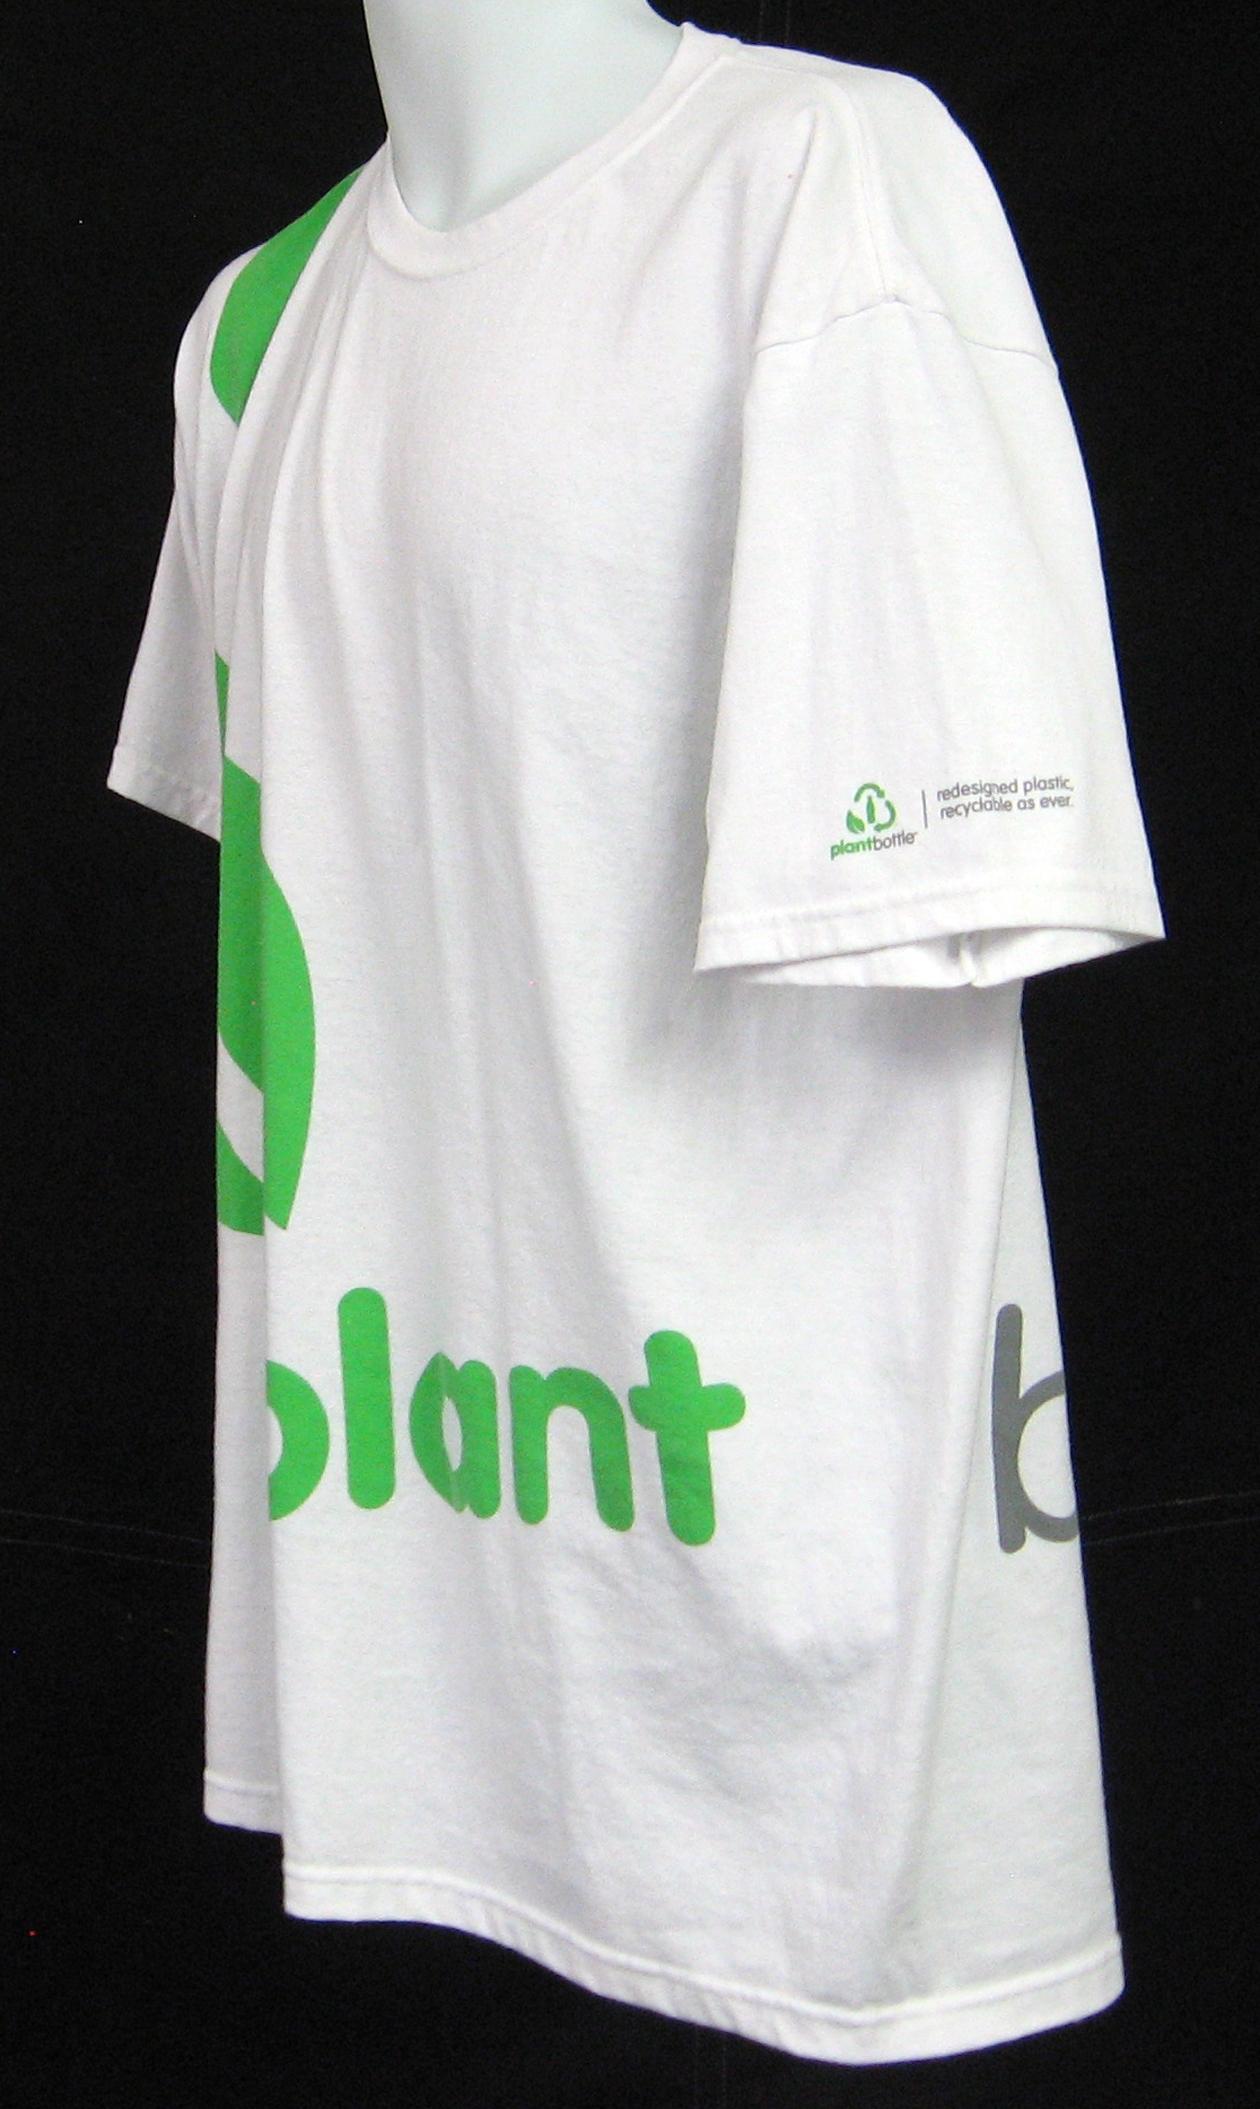 T Shirt Printing Companies In Atlanta